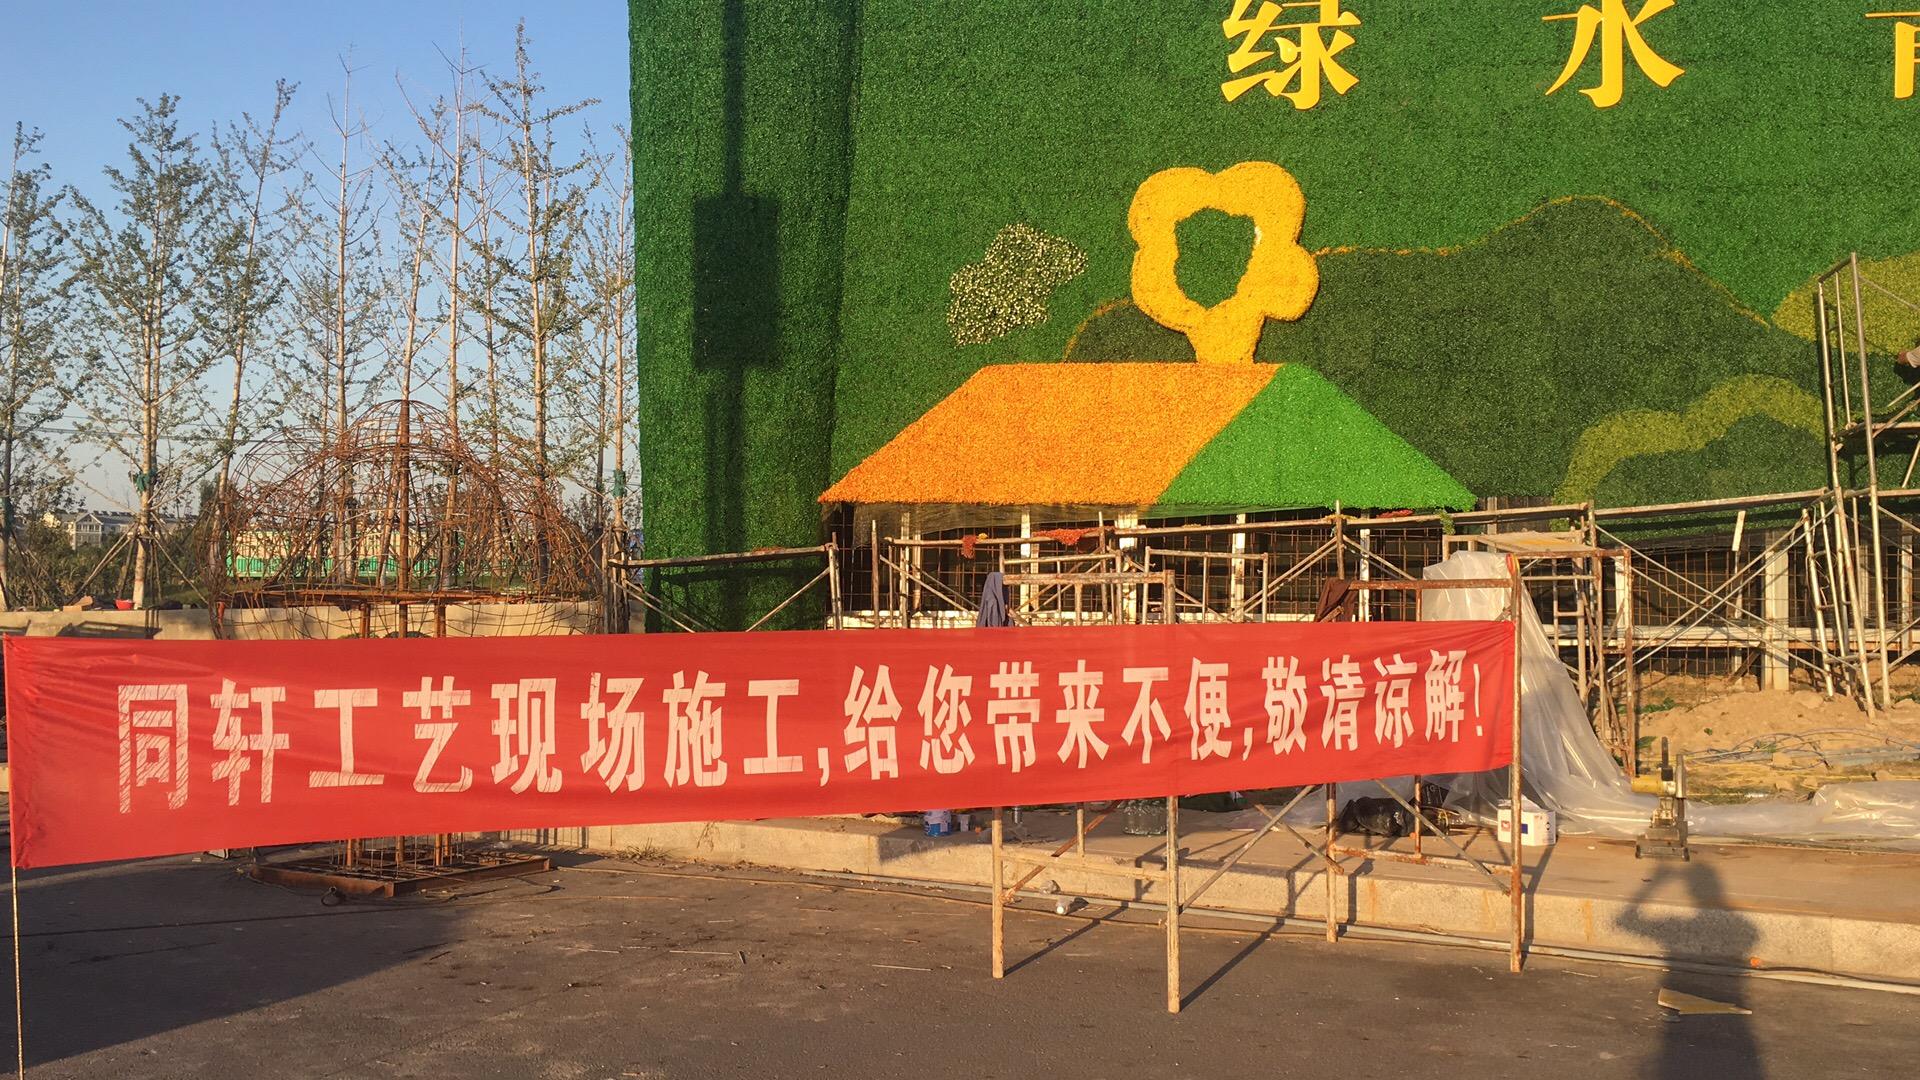 仿真绿雕文化墙正在施工